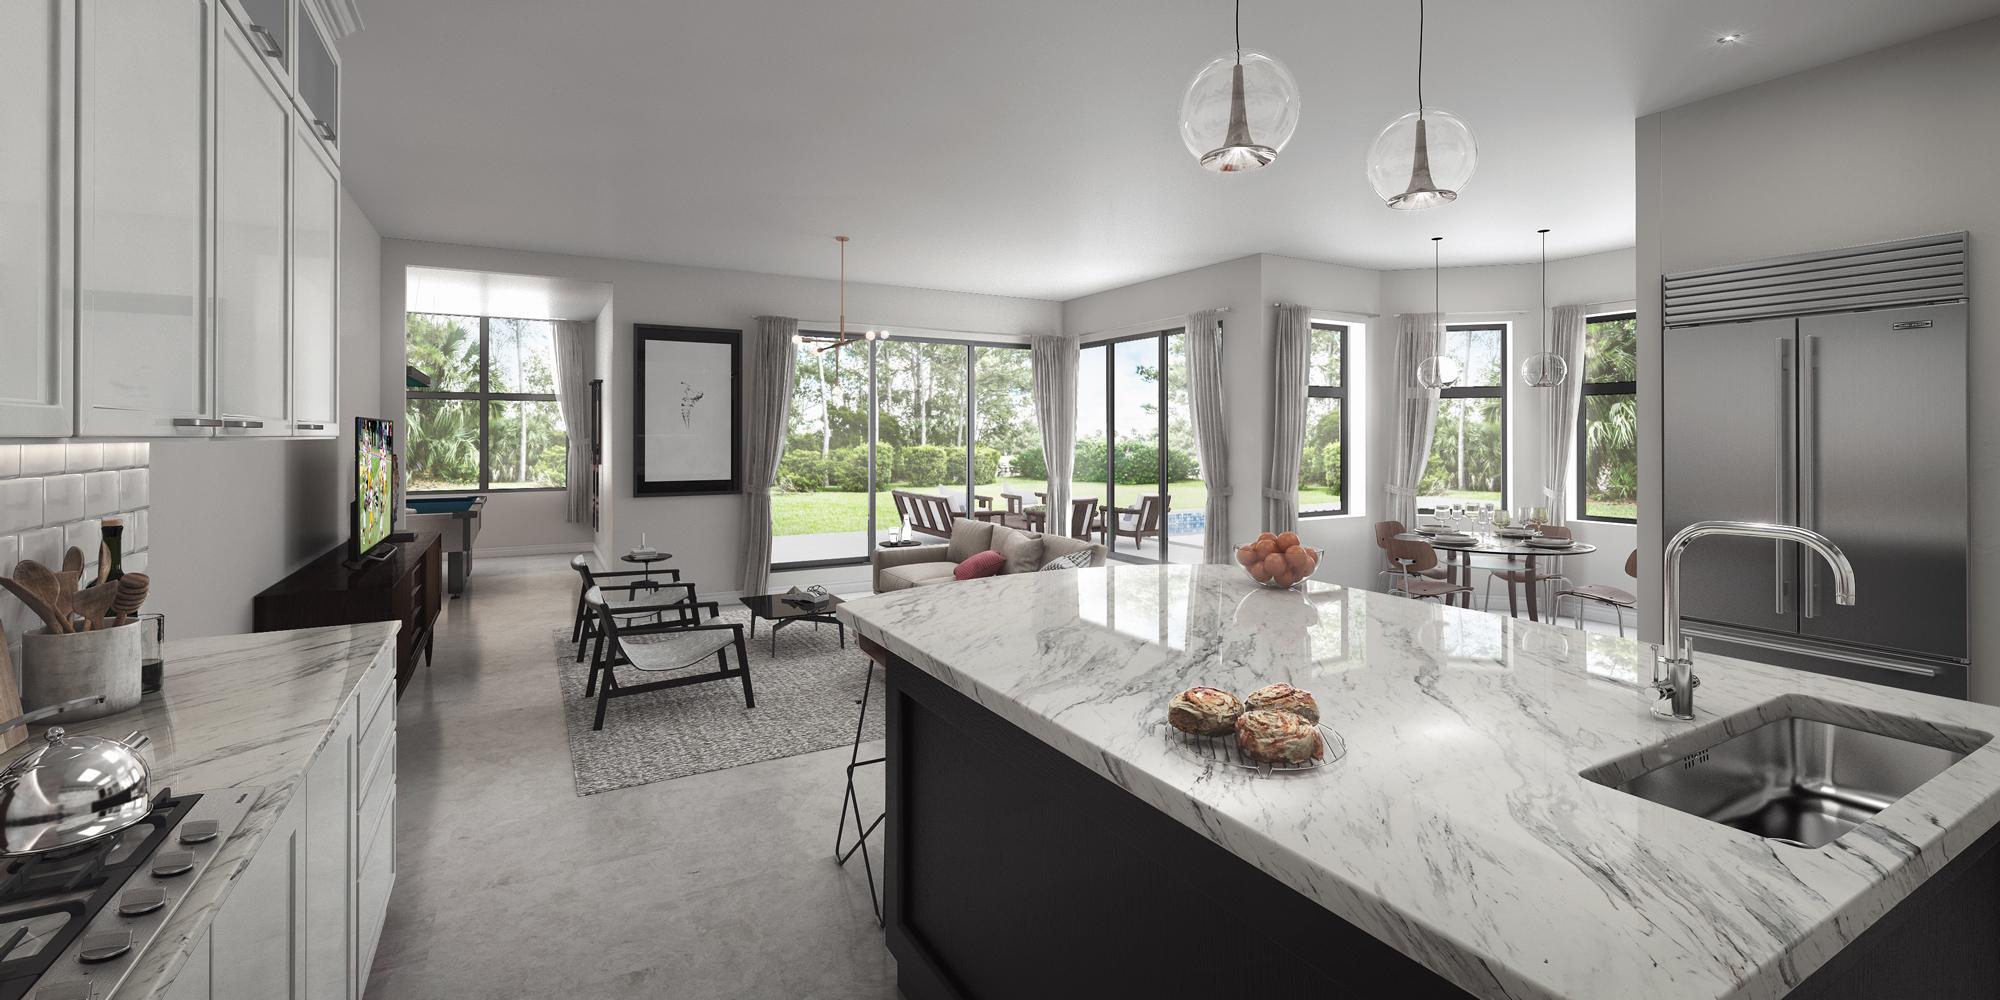 Modern Kitchen 3D Image